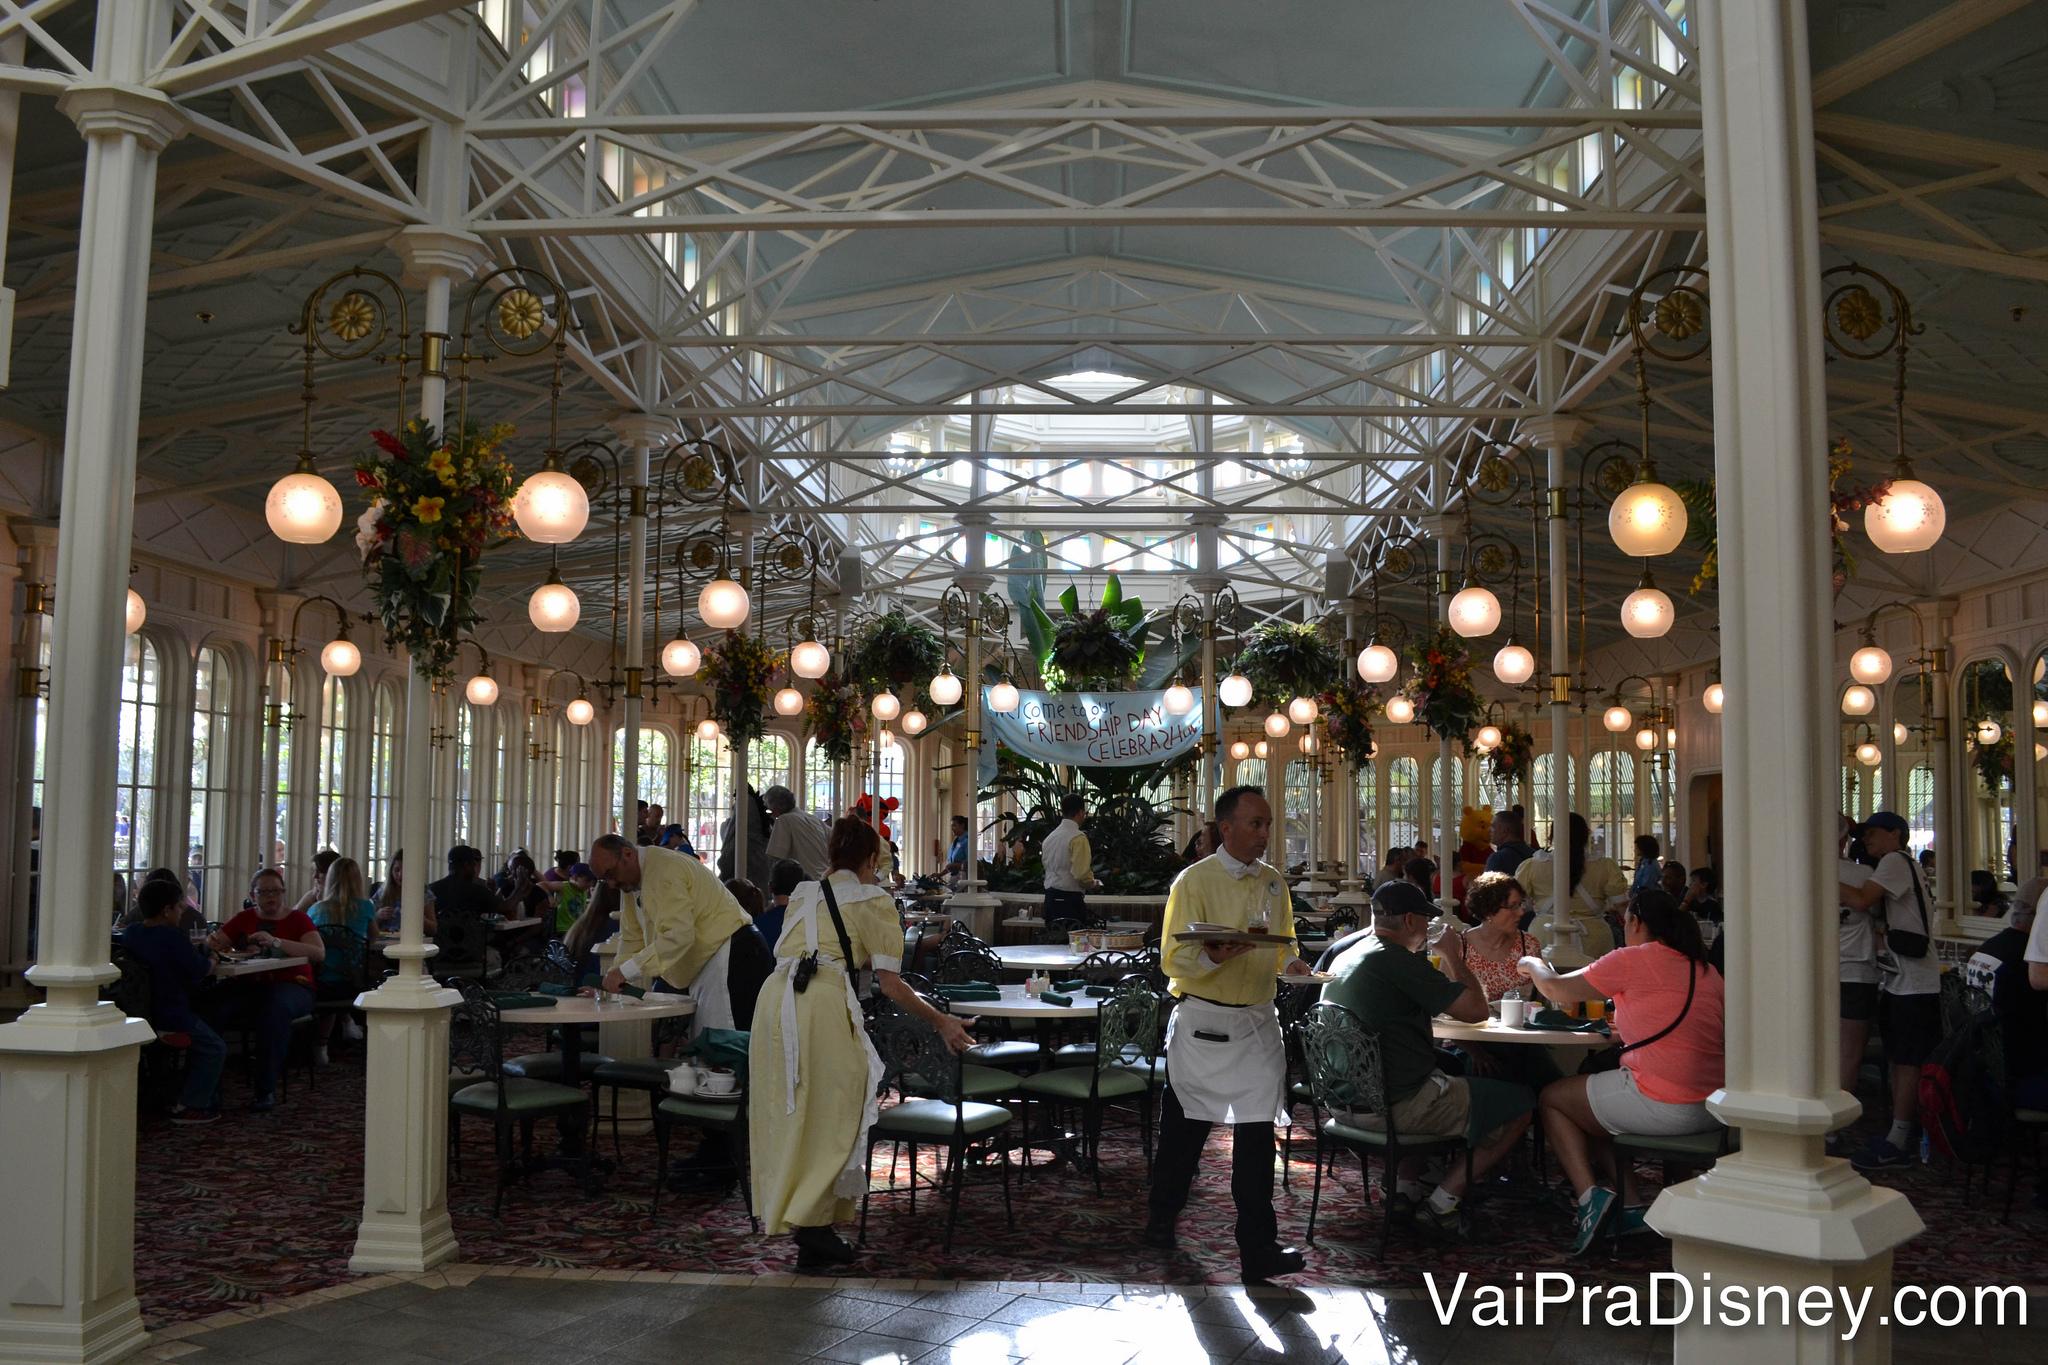 Foto do Crystal Palace por dentro, espaçoso e com muitas luminárias penduradas do teto.